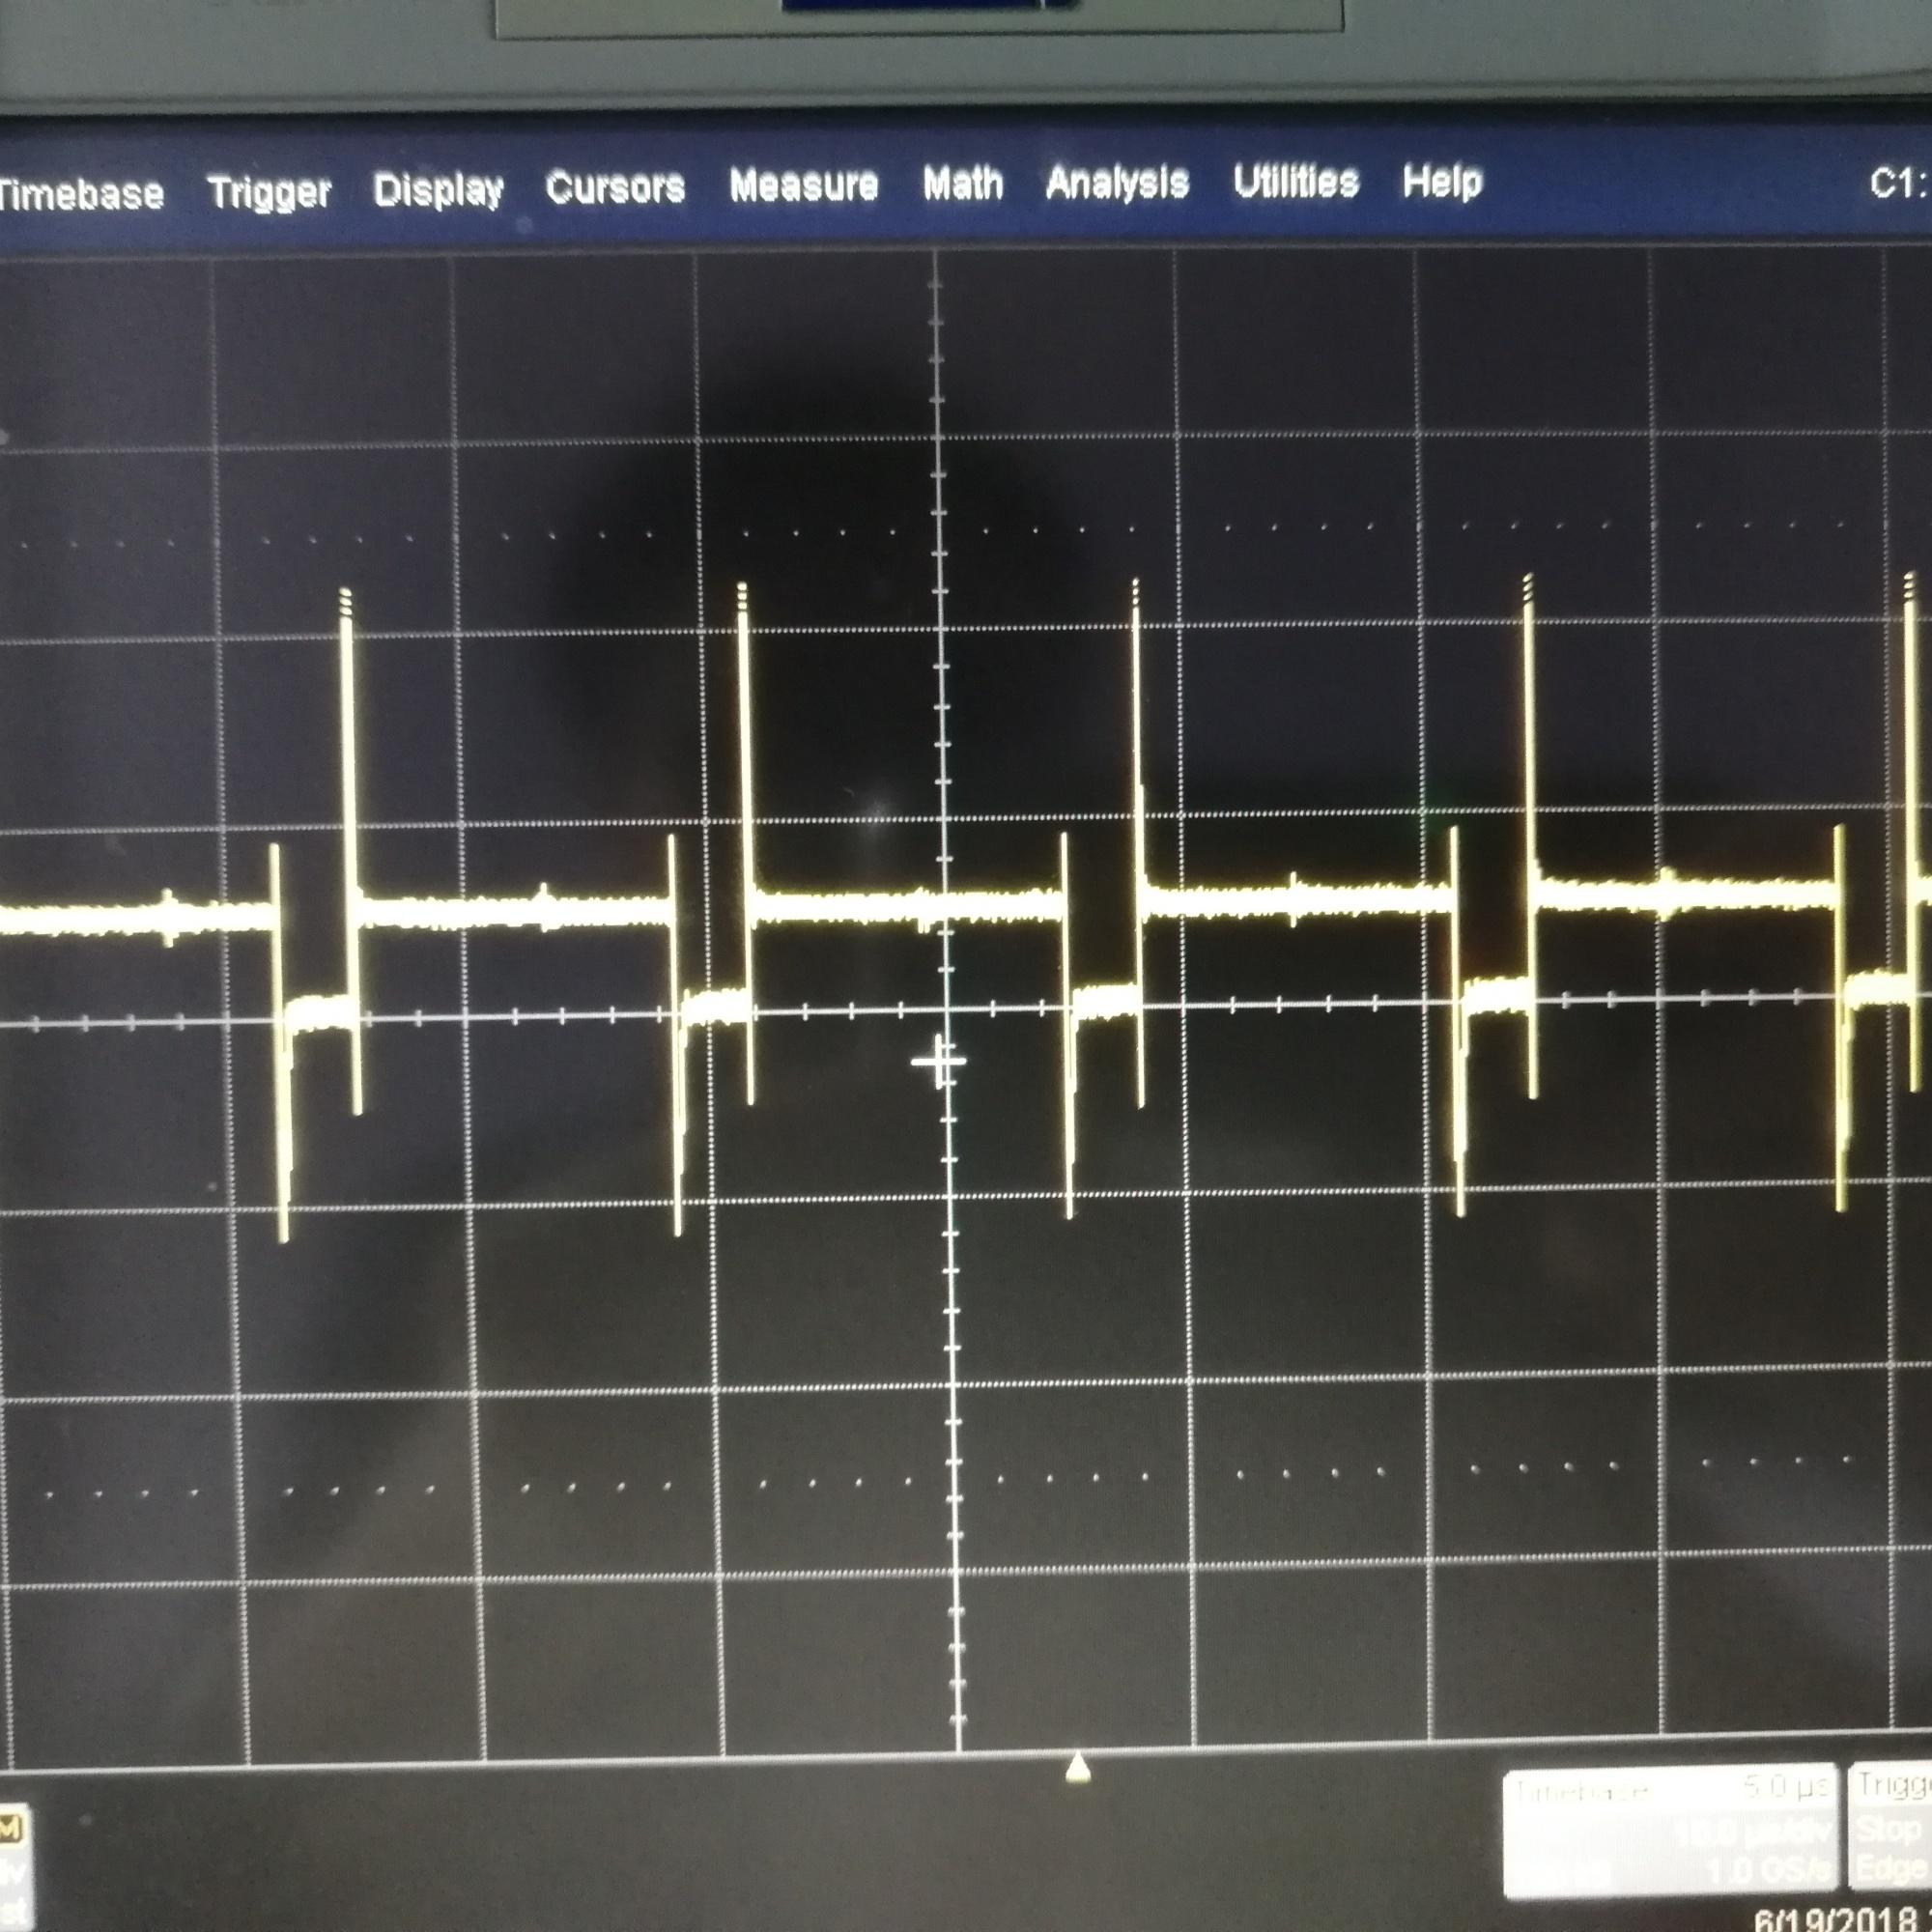 如何消除图中矩形波的尖刺